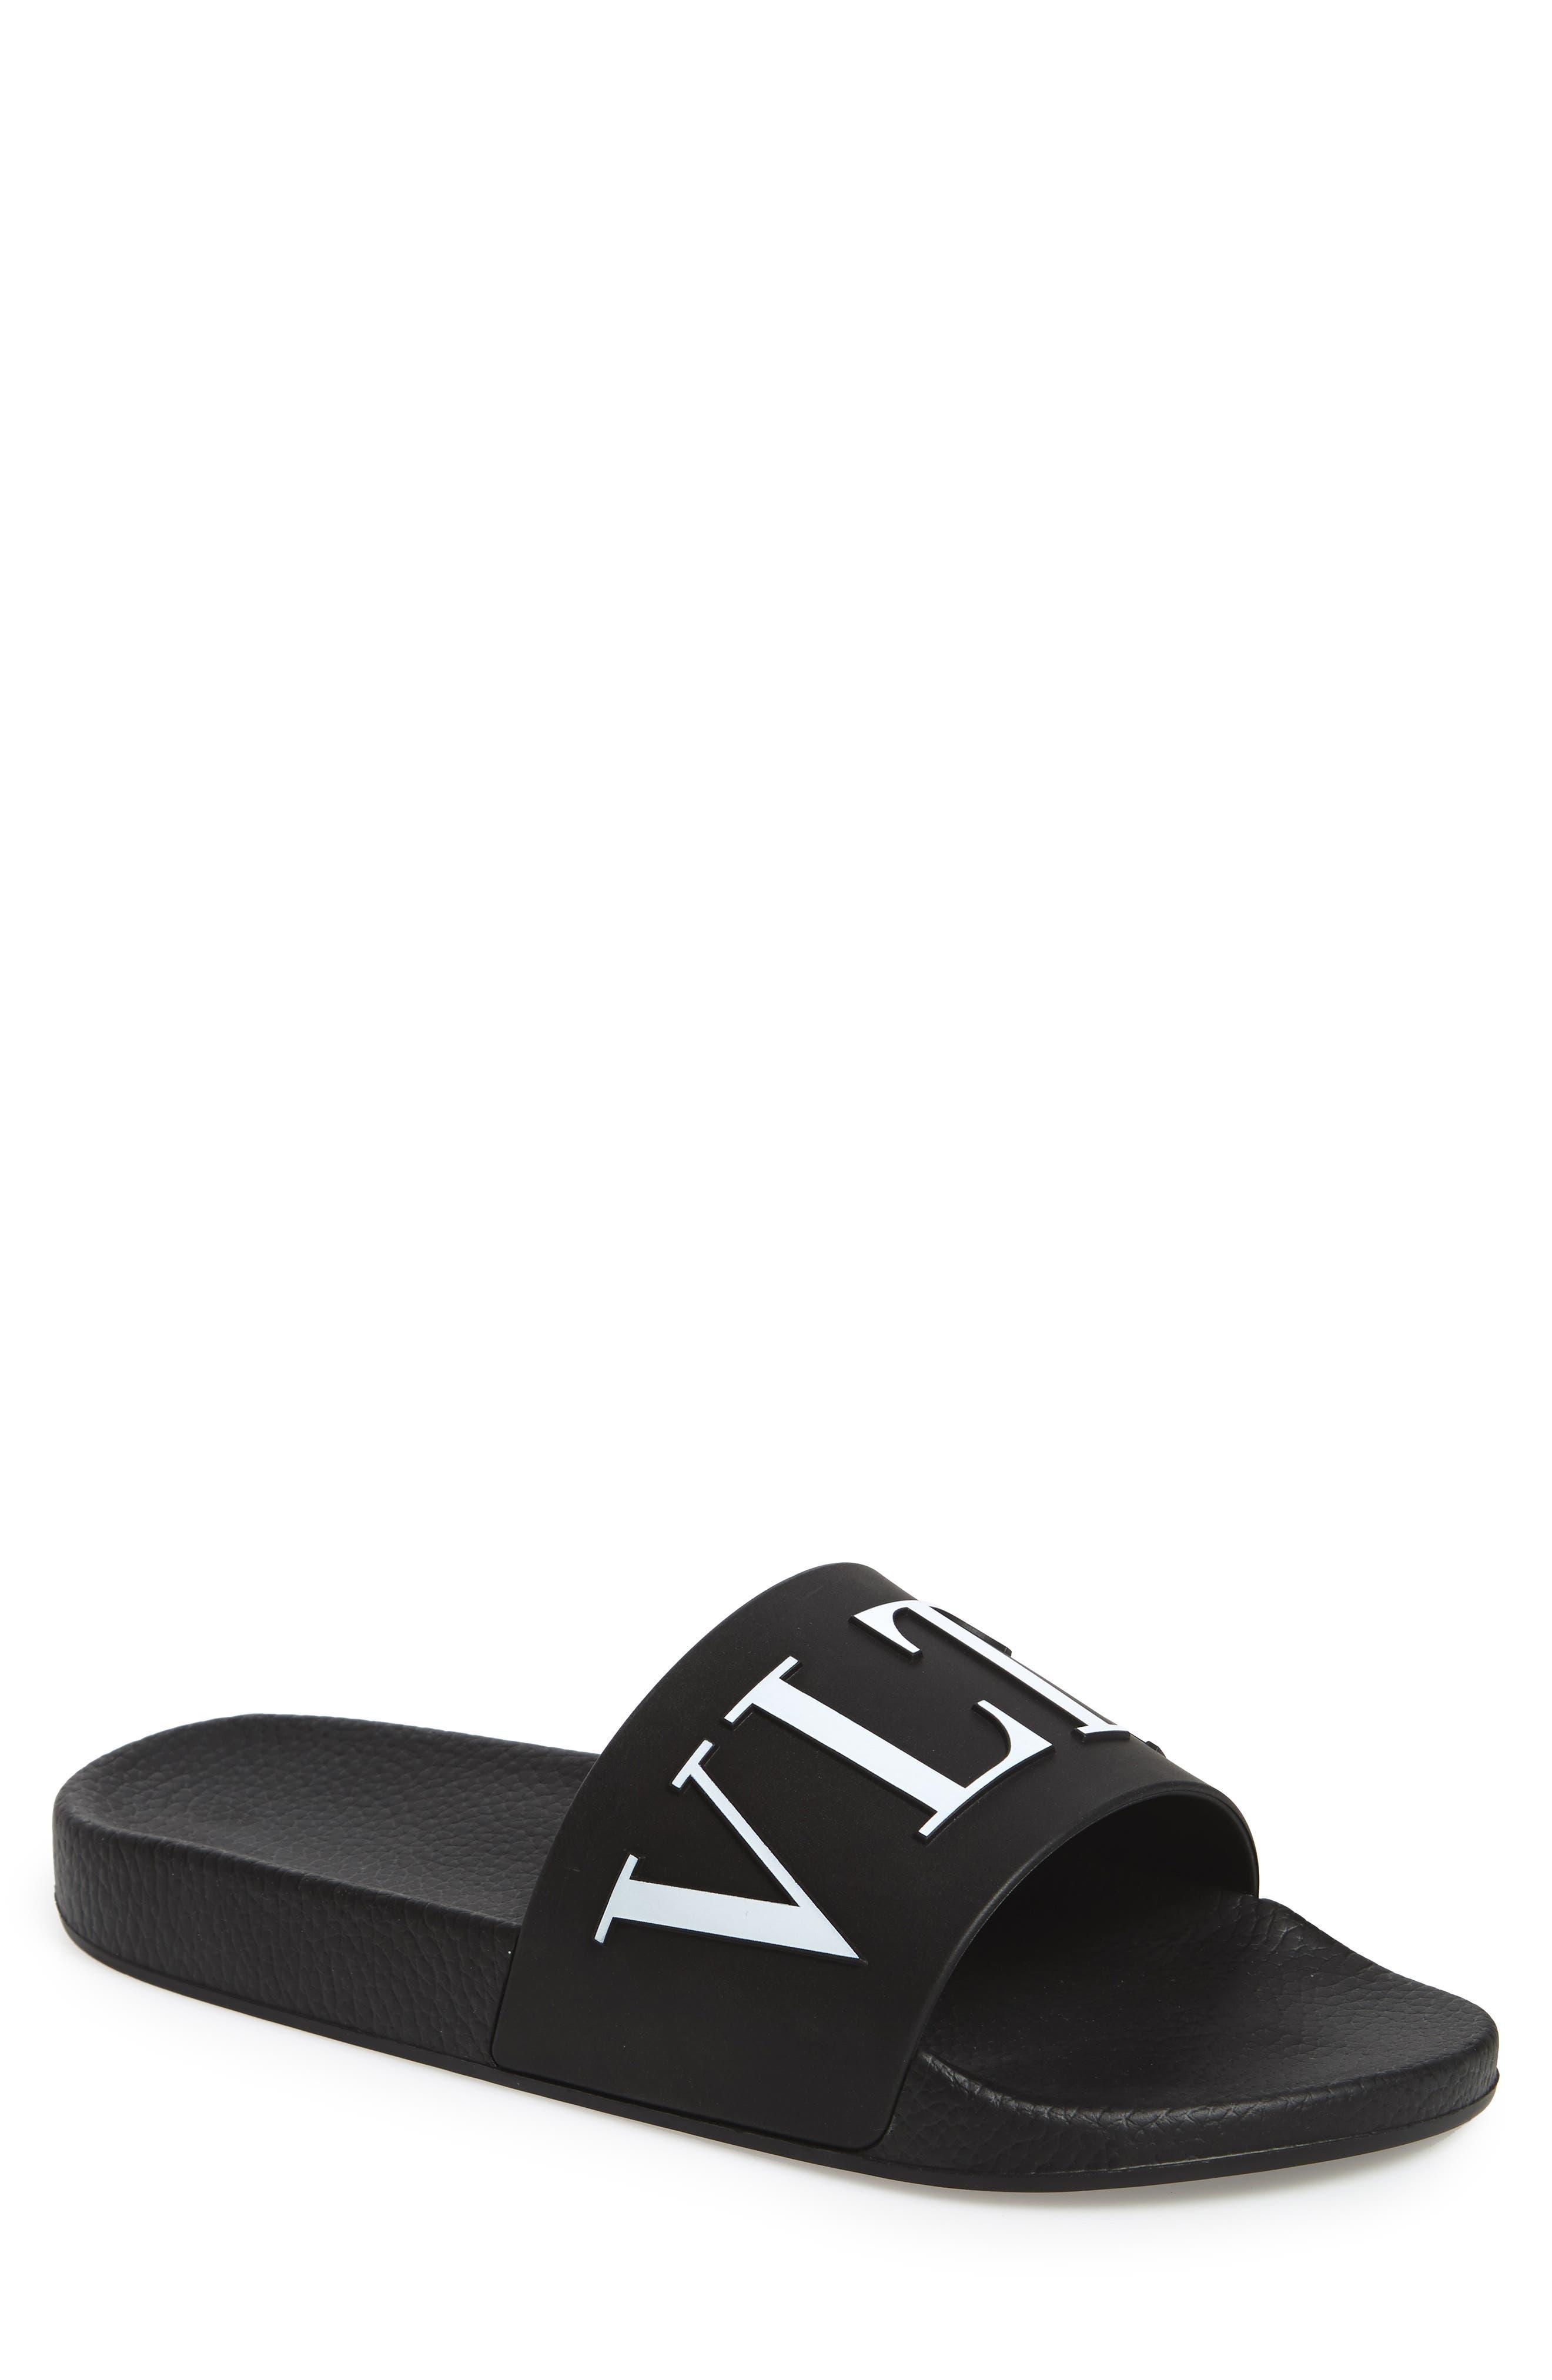 Slide Sandal,                             Main thumbnail 1, color,                             NERO/ BIANCO